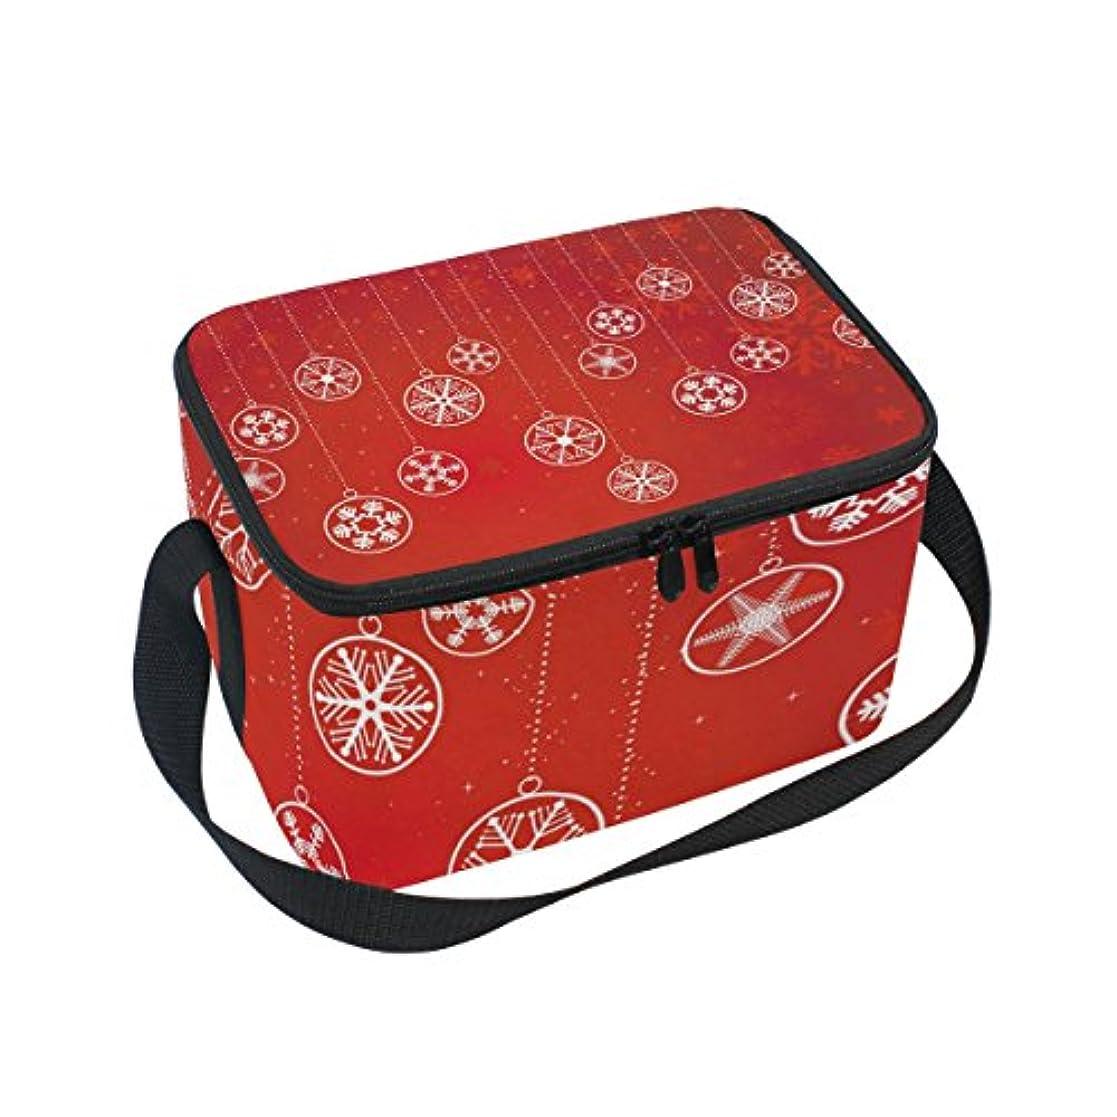 間に合わせ行為征服クーラーバッグ クーラーボックス ソフトクーラ 冷蔵ボックス キャンプ用品 雪柄 赤 保冷保温 大容量 肩掛け お花見 アウトドア